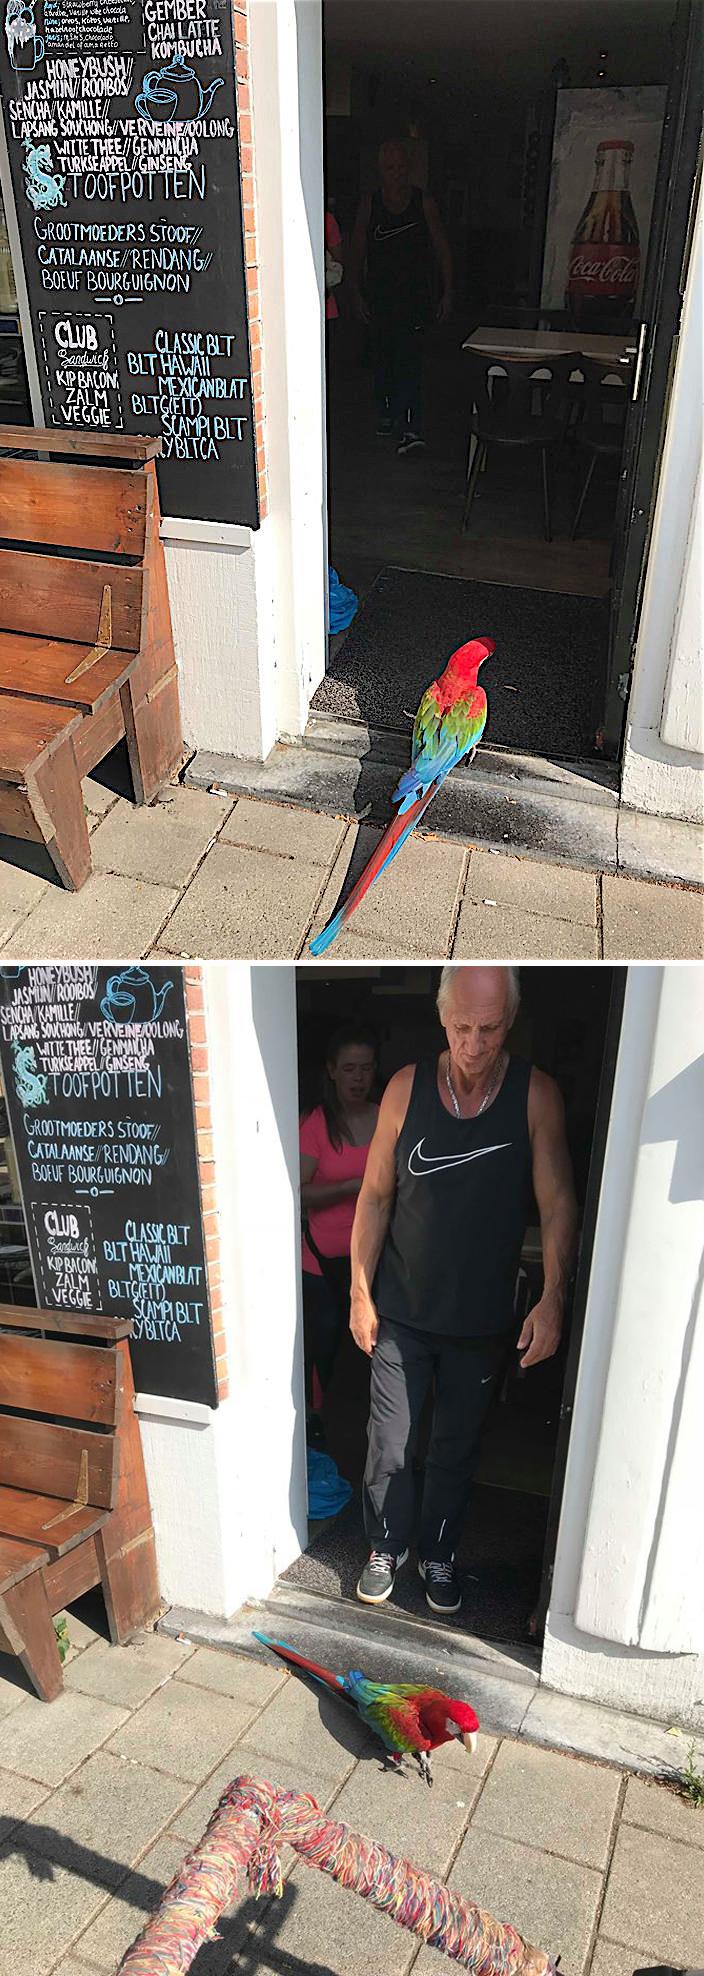 Papegaai iets anders